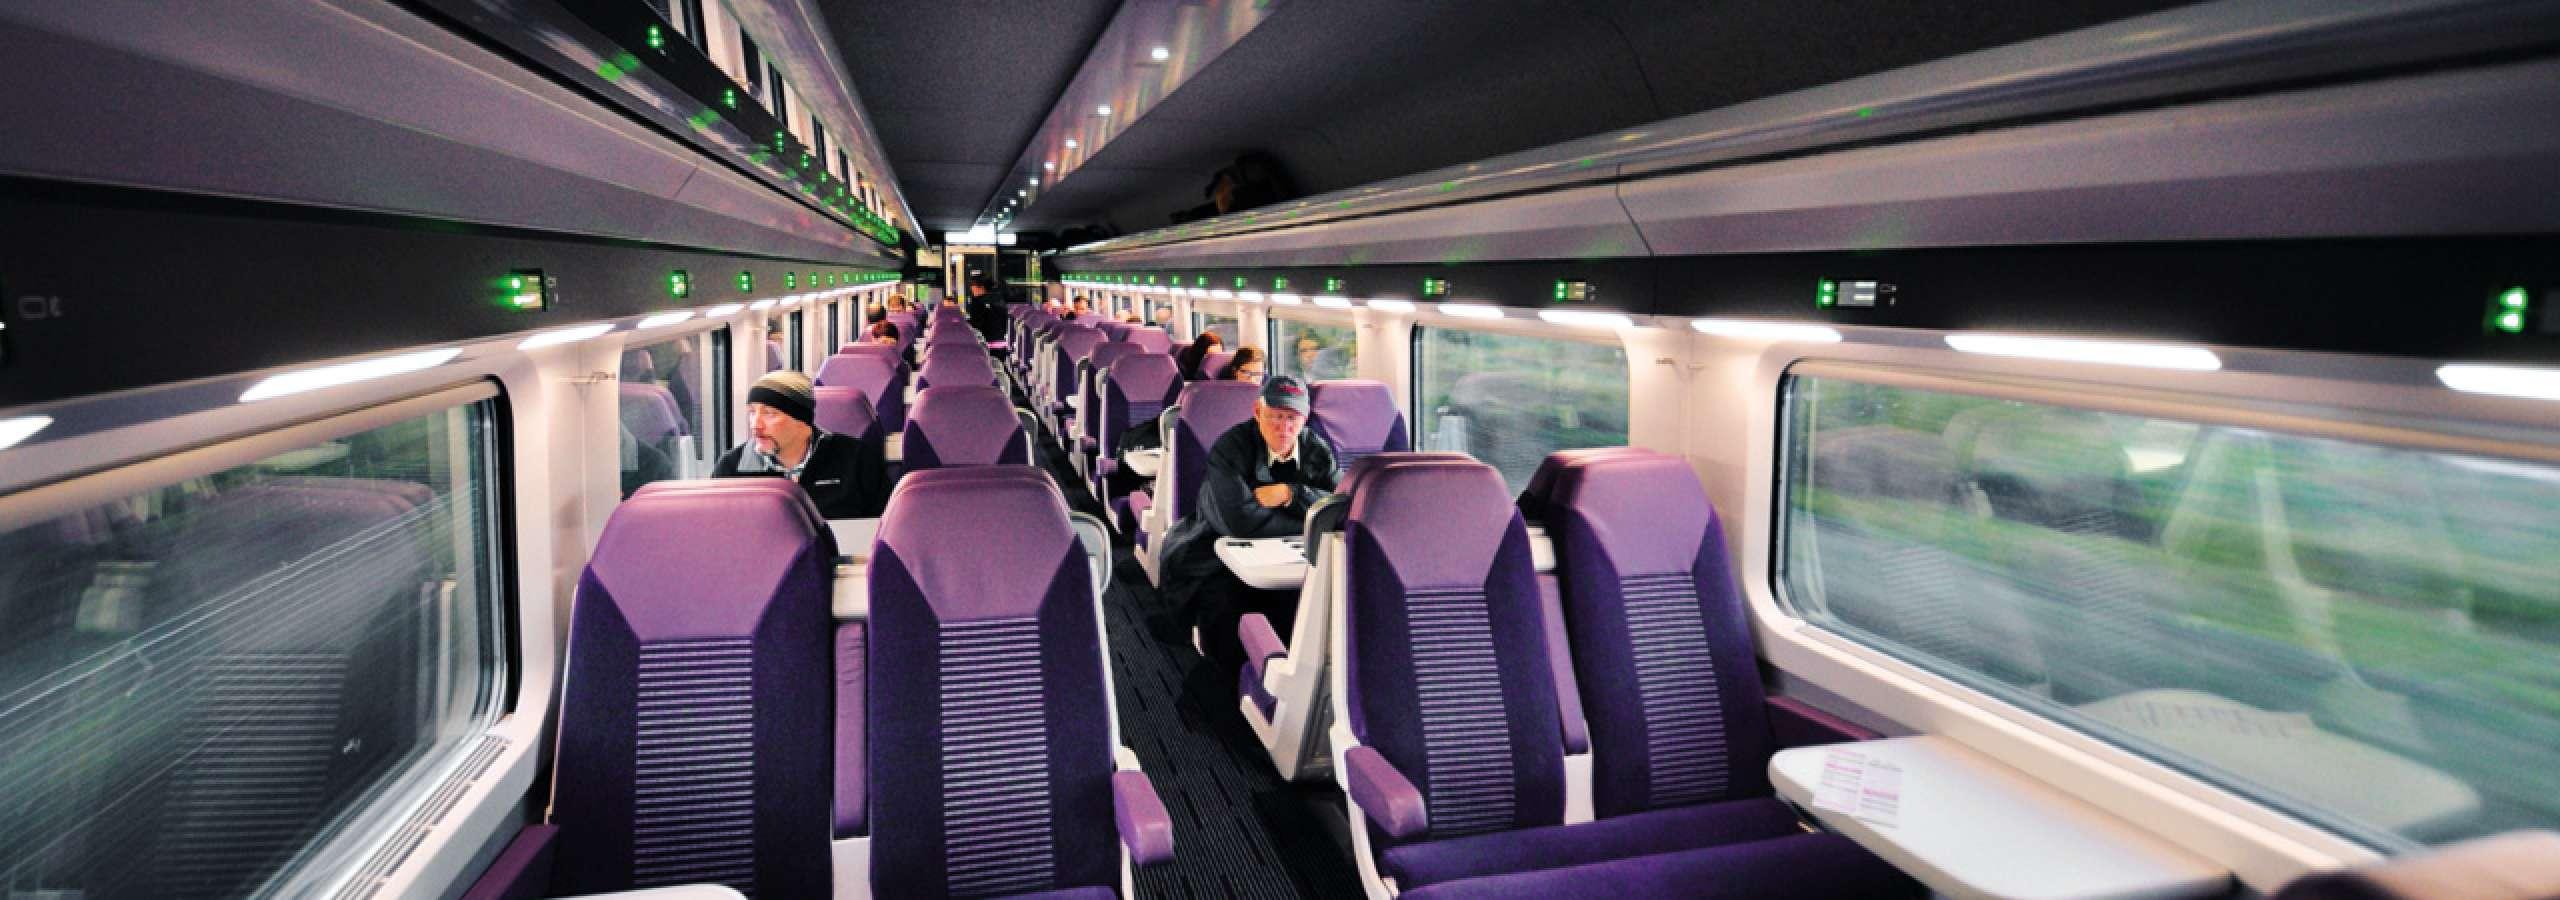 Erneuerung der Zugbeleuchtung